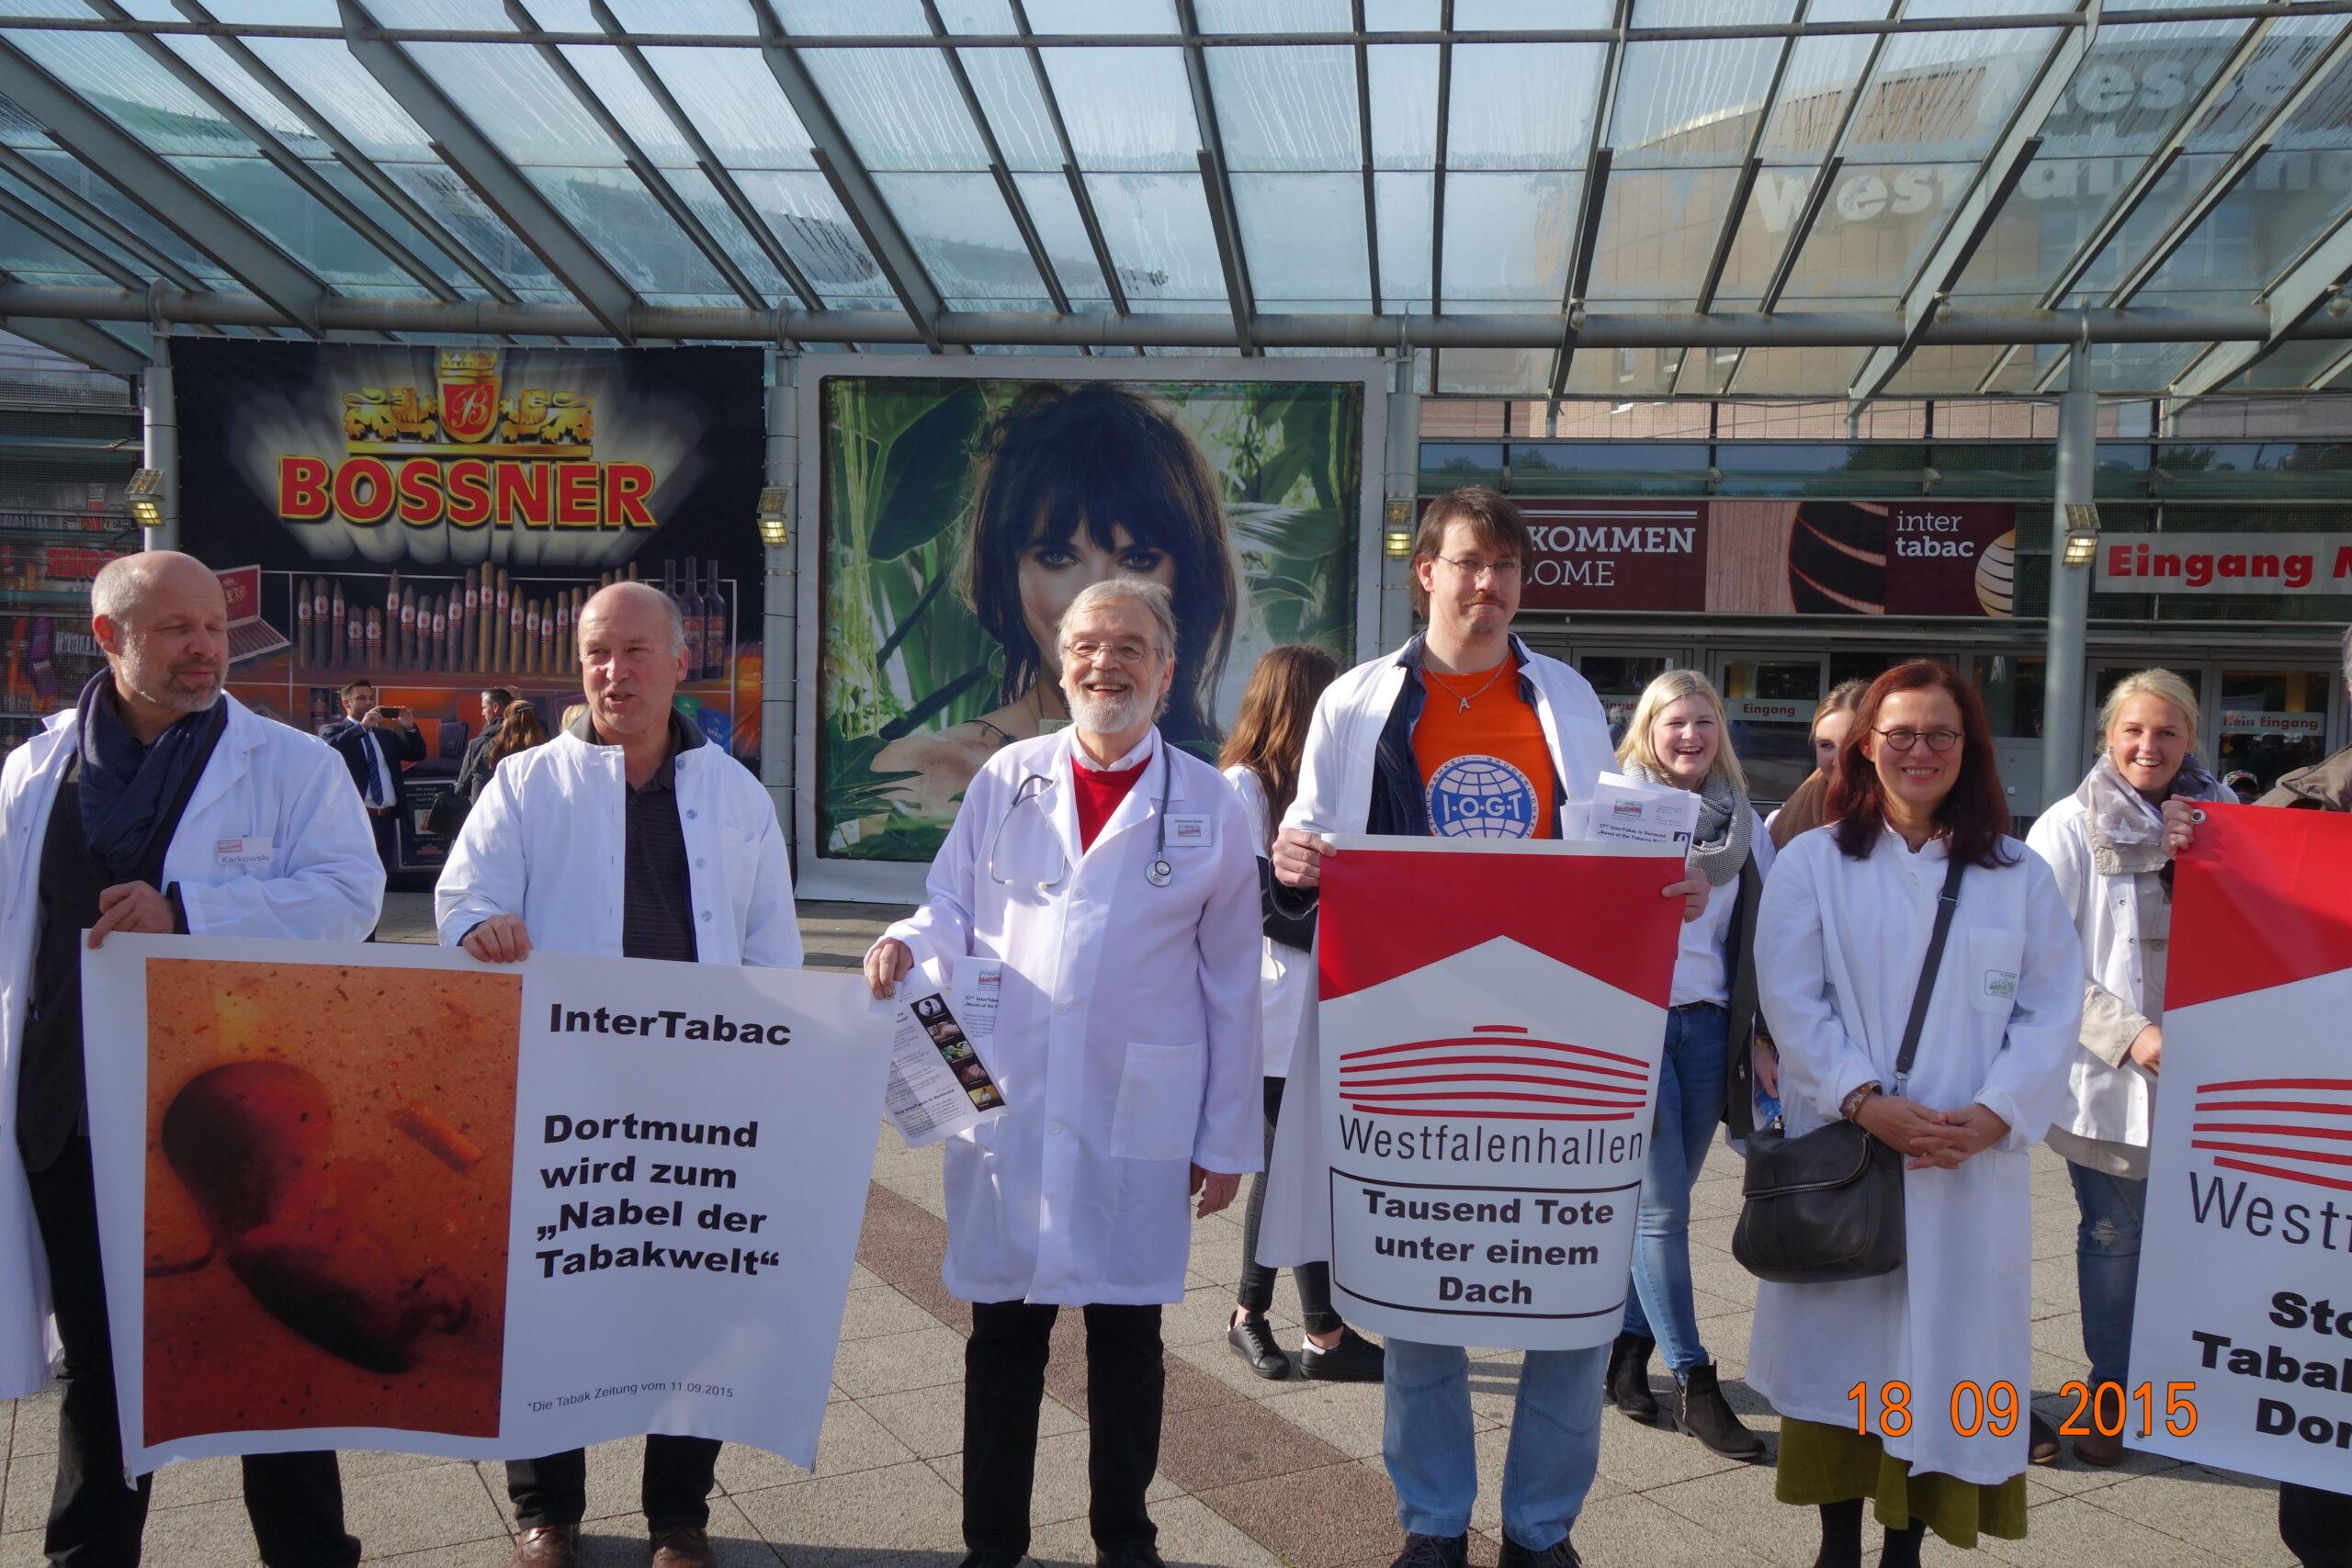 Tabakmesse InterTabac in Dortmund abgesagt